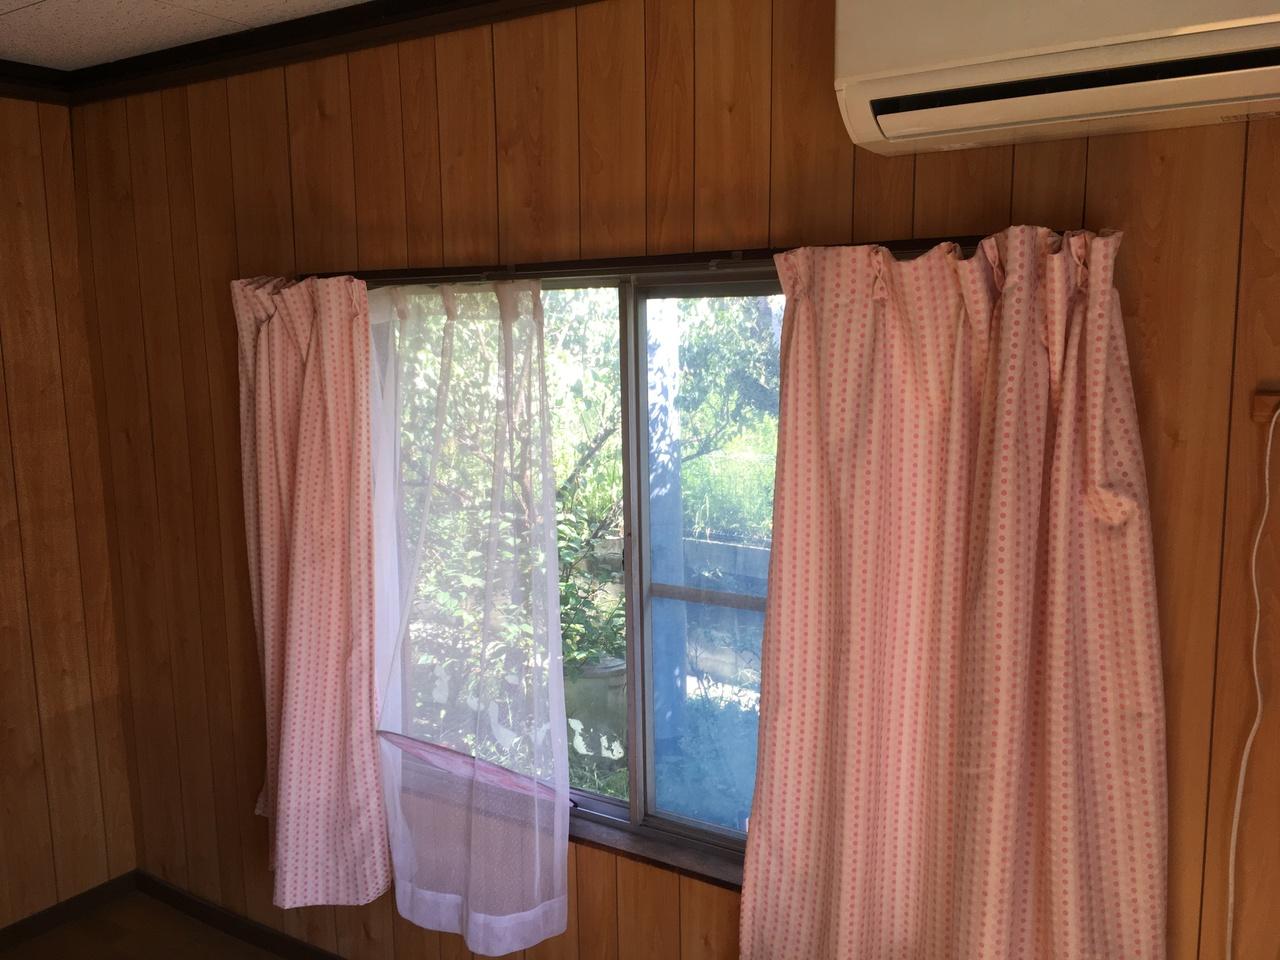 6畳洋室  客間として 家事スペースとして マルチに使用できそうですね